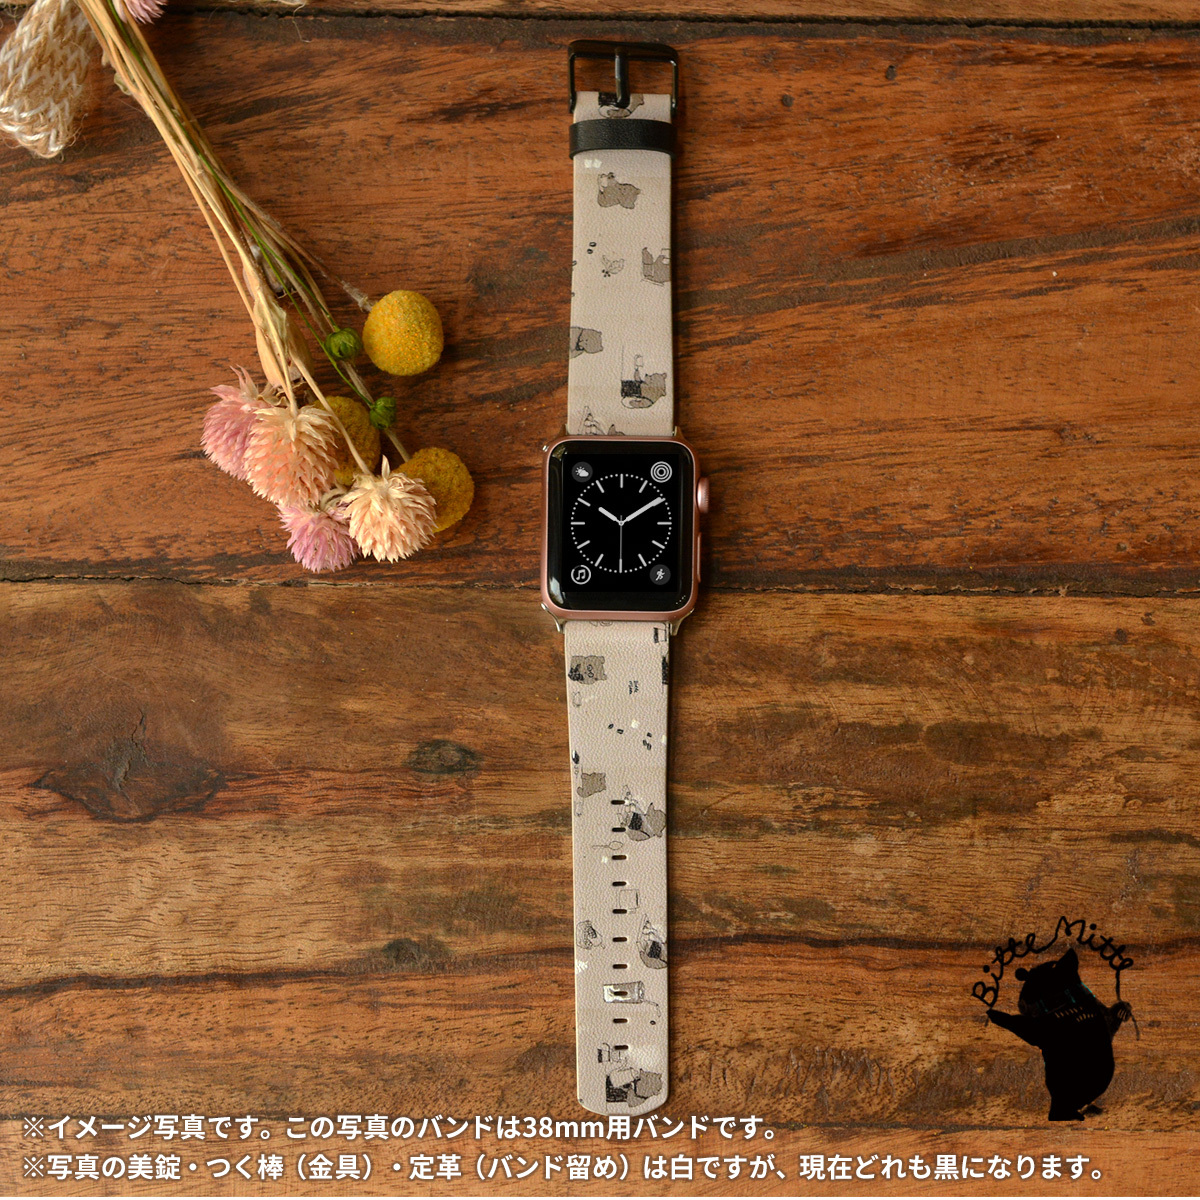 apple watch バンド おしゃれ apple watch 3 革バンド アップルウォッチ 女性用 くま クマカフェの一日/Bitte Mitte!